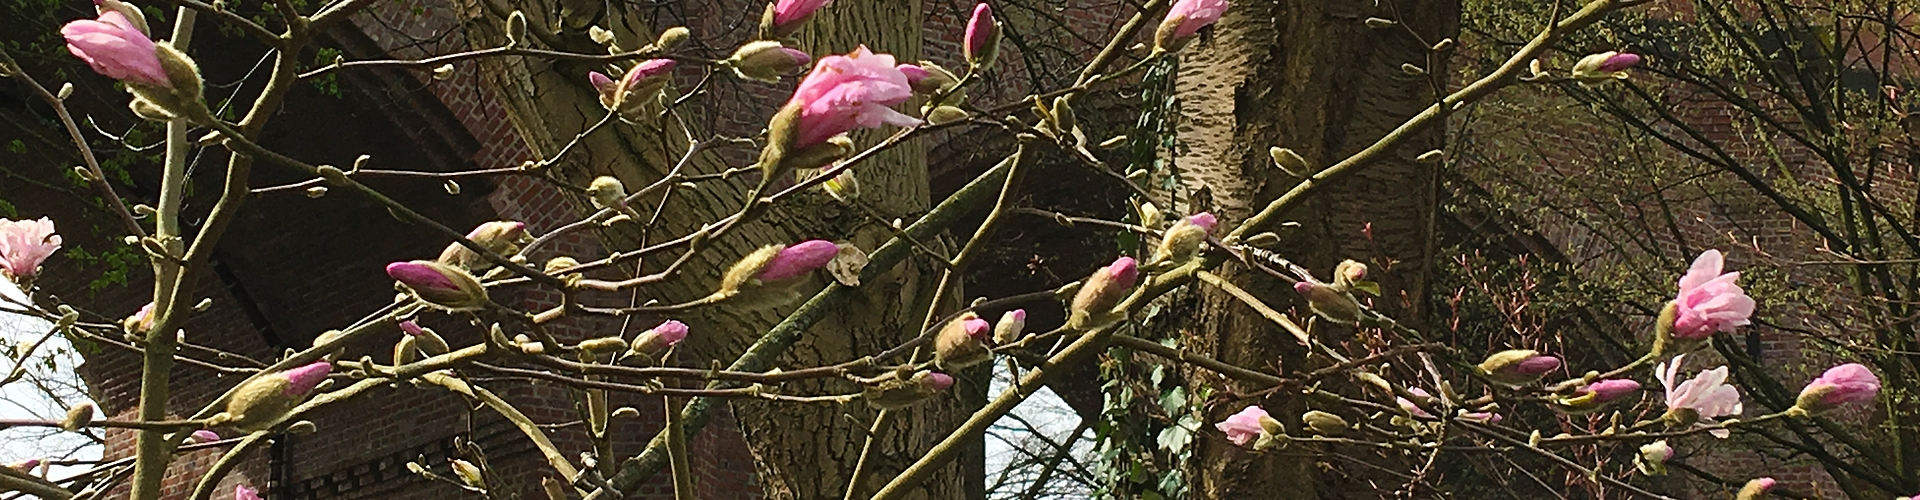 Kirschblüten in der Stadt